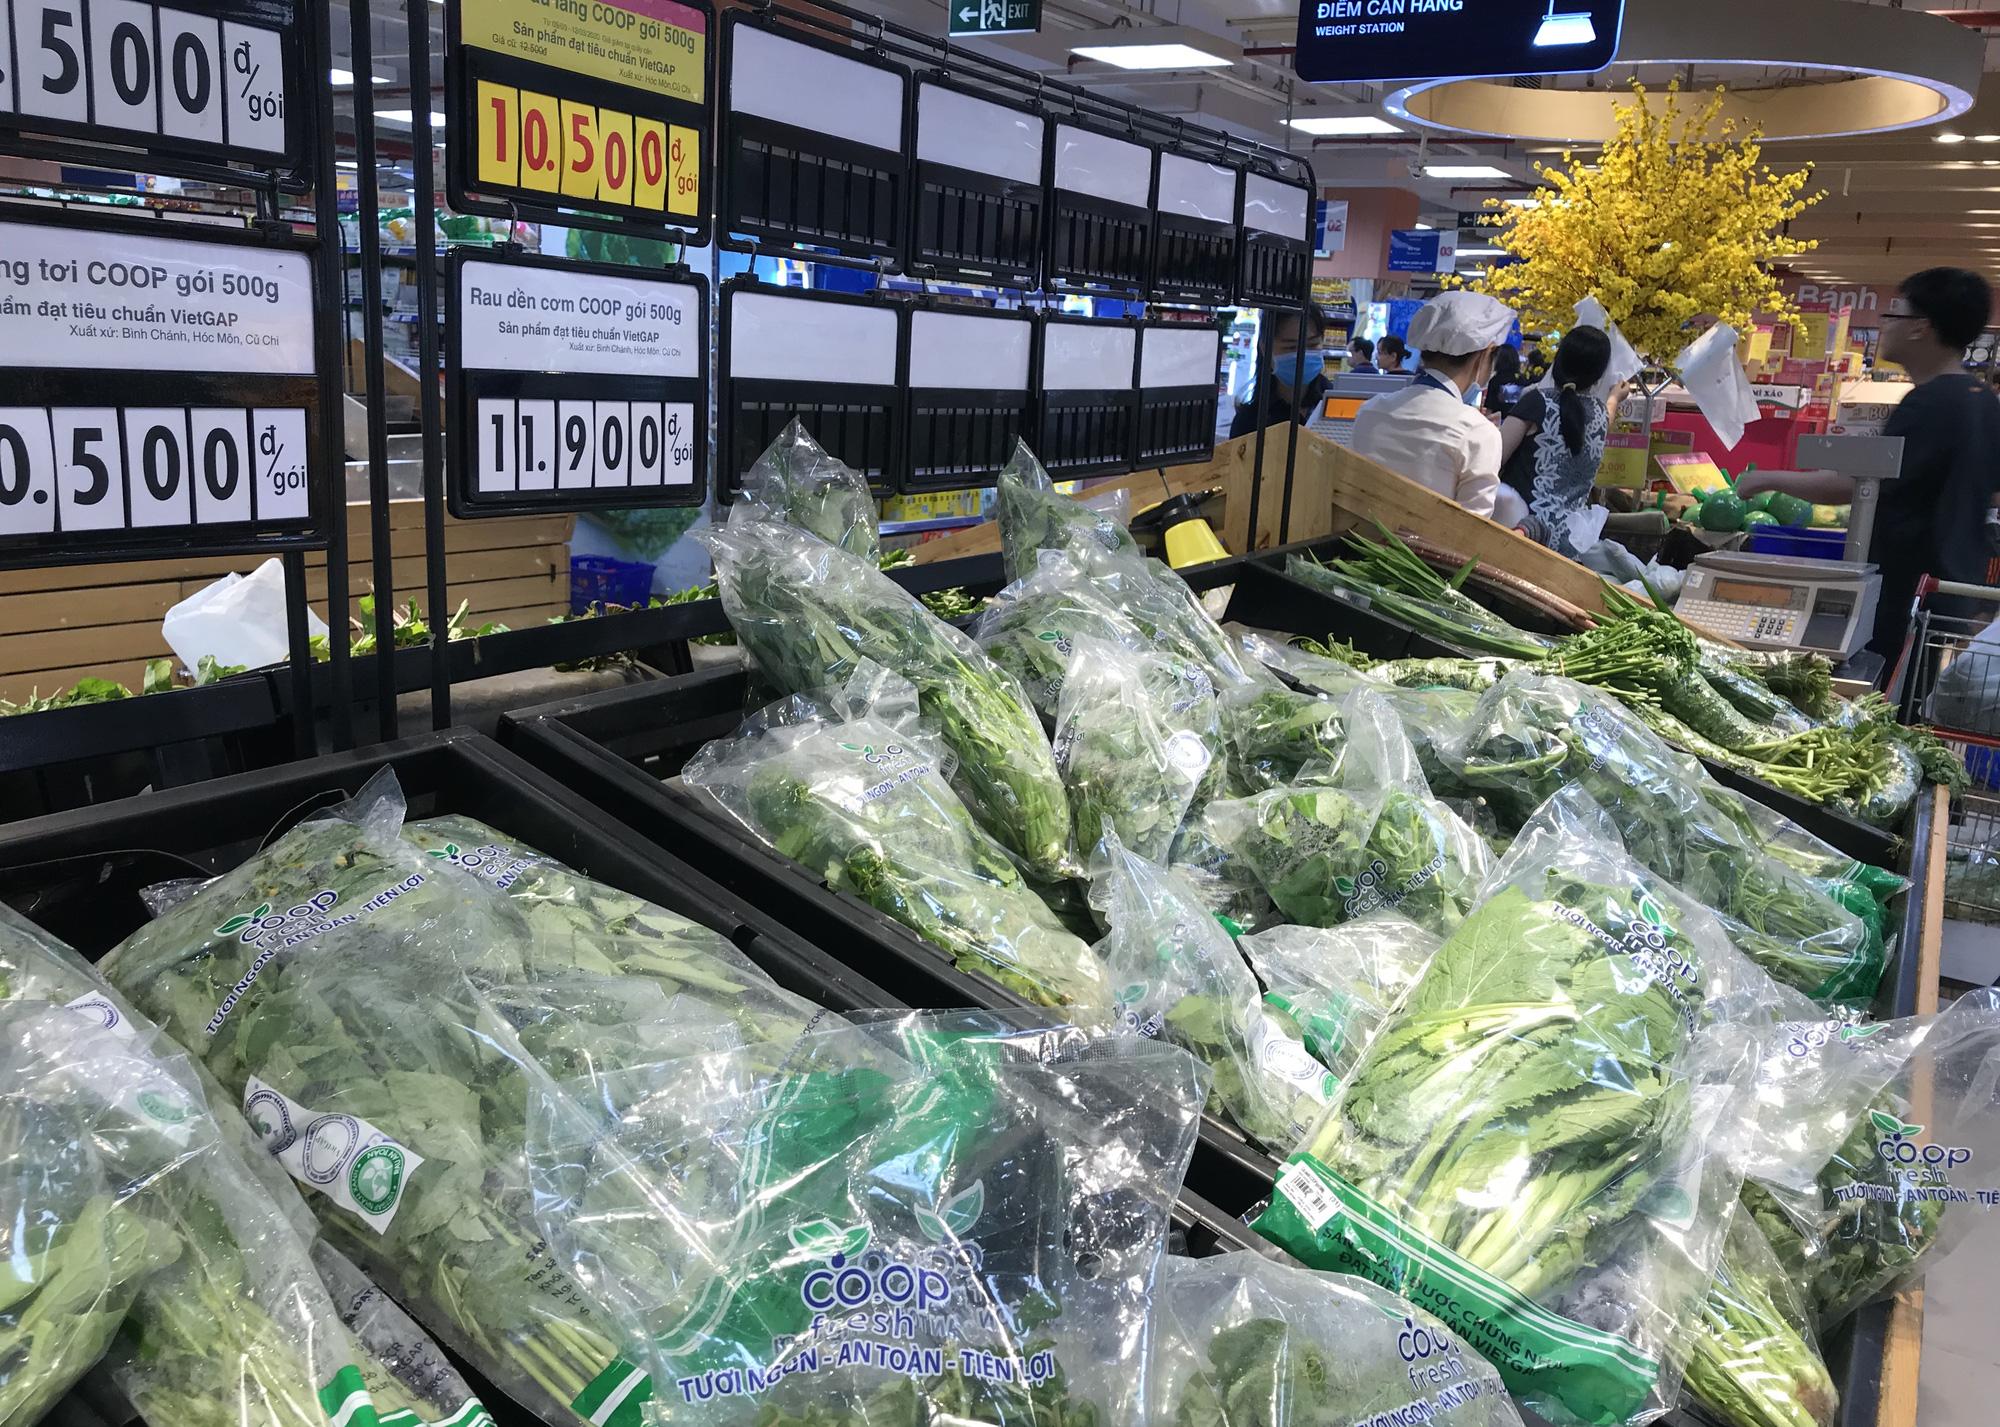 Người Sài Gòn không gom hàng tích trữ, thực phẩm, gạo, mì tôm… đầy ắp, siêu thị còn giảm giá mạnh - Ảnh 10.